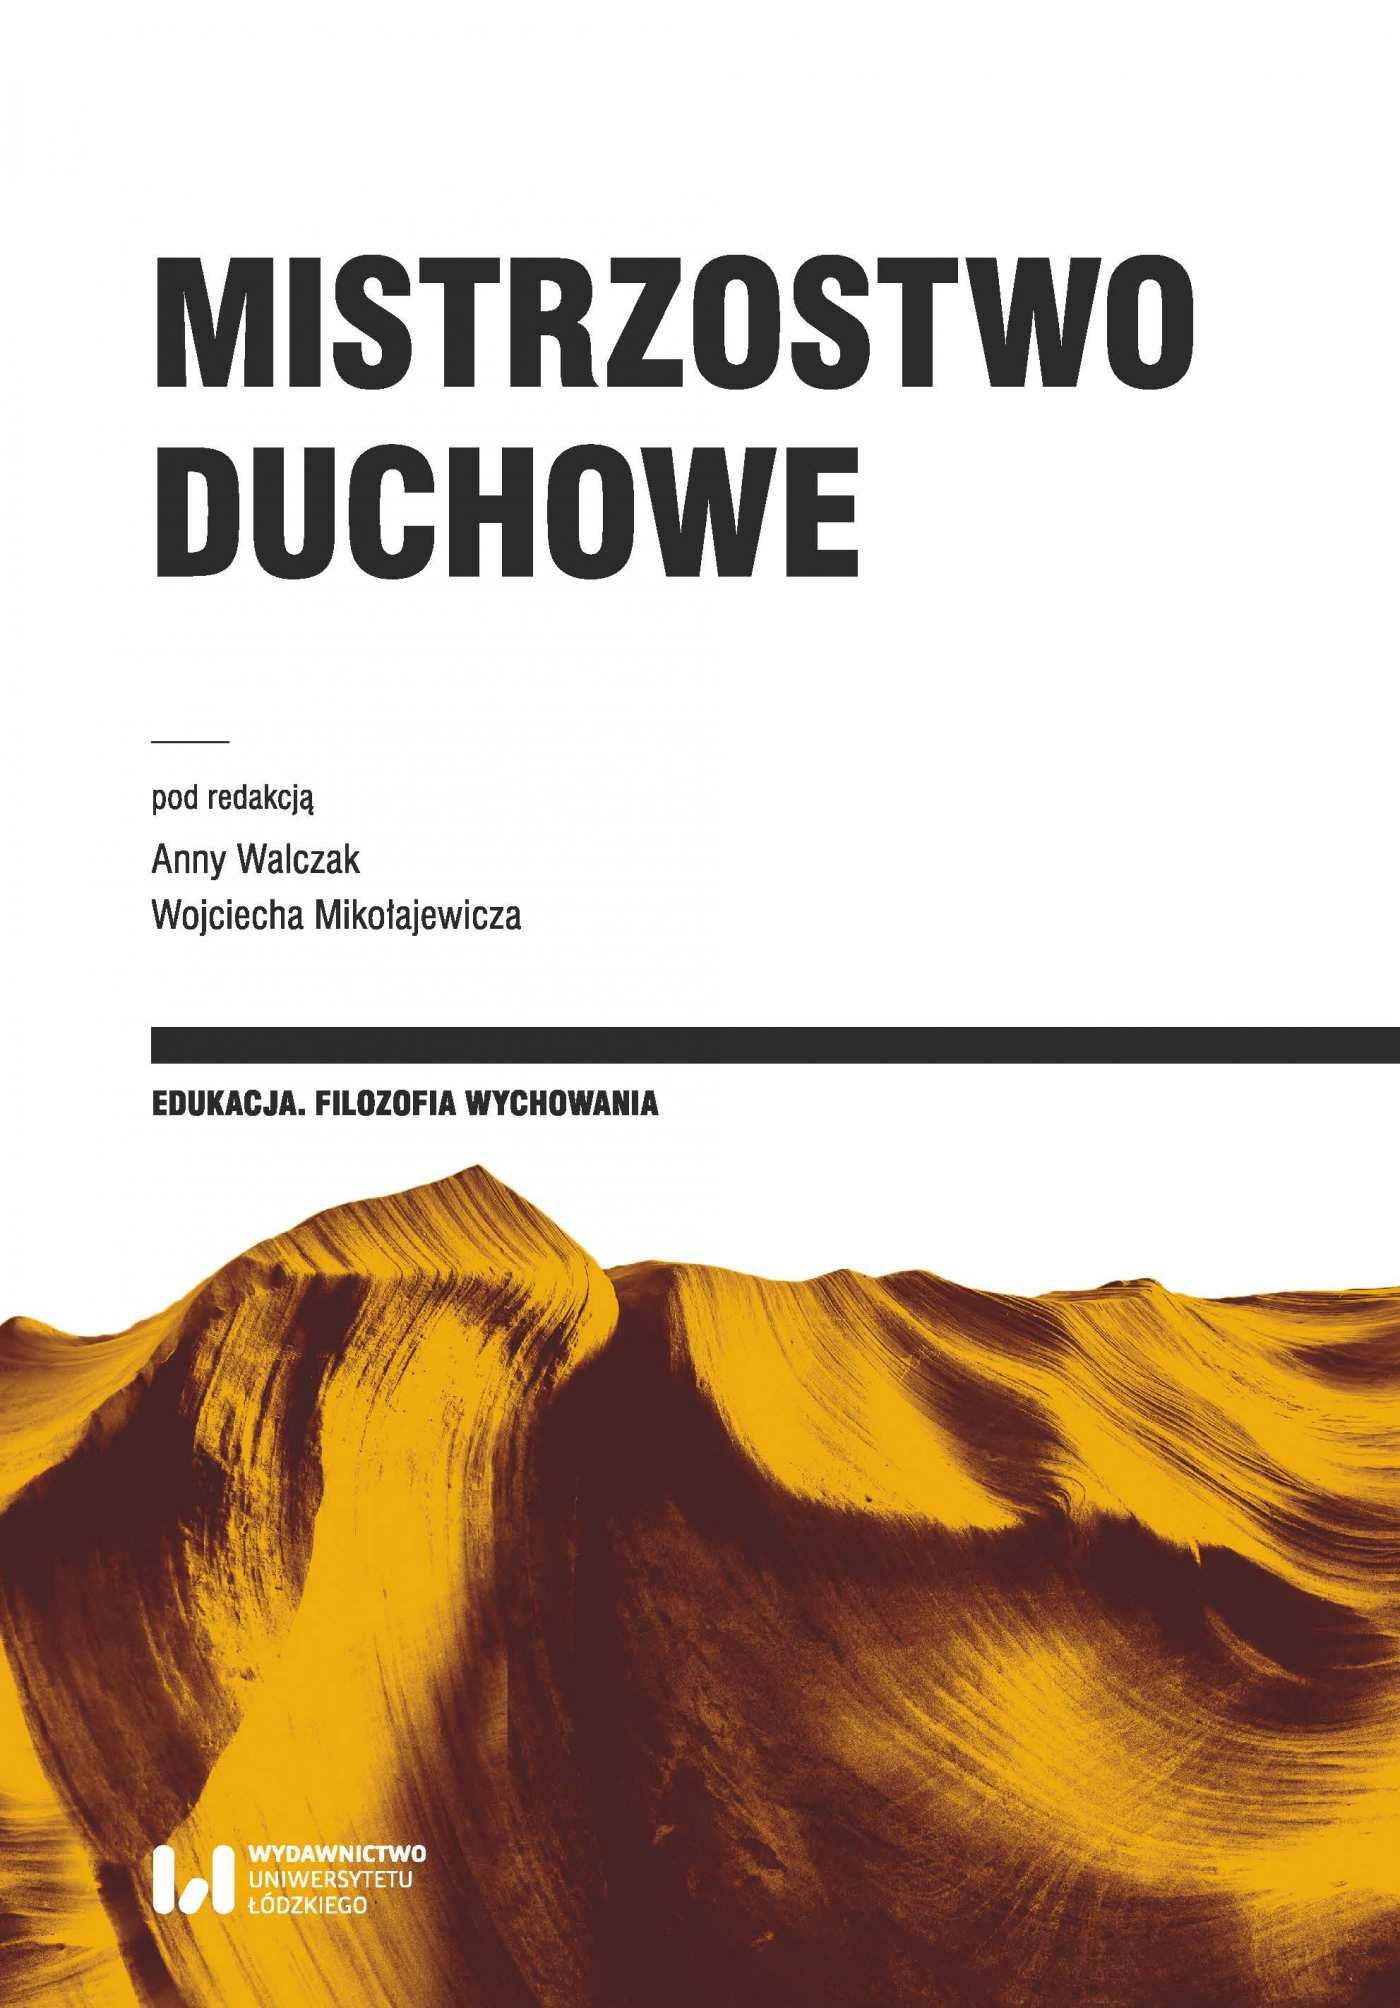 Mistrzostwo duchowe - Ebook (Książka PDF) do pobrania w formacie PDF